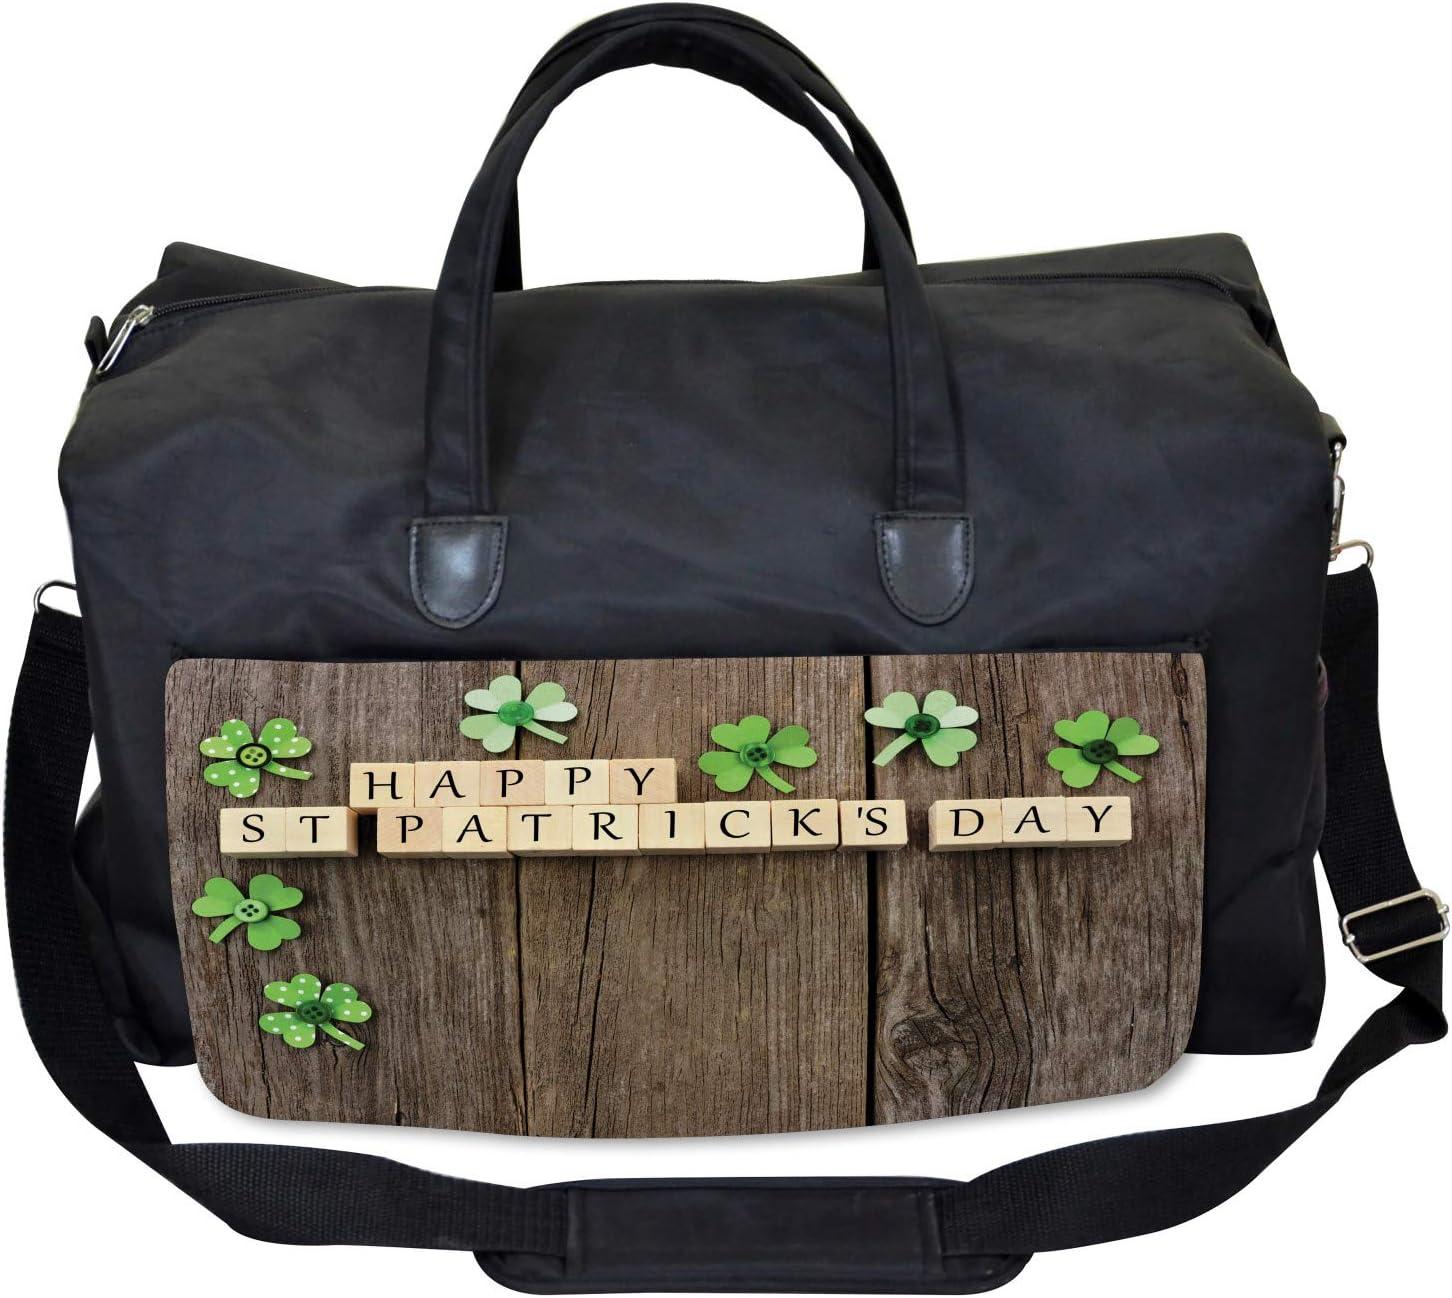 Paper Shamrocks Large Weekender Carry-on Ambesonne Celebration Gym Bag